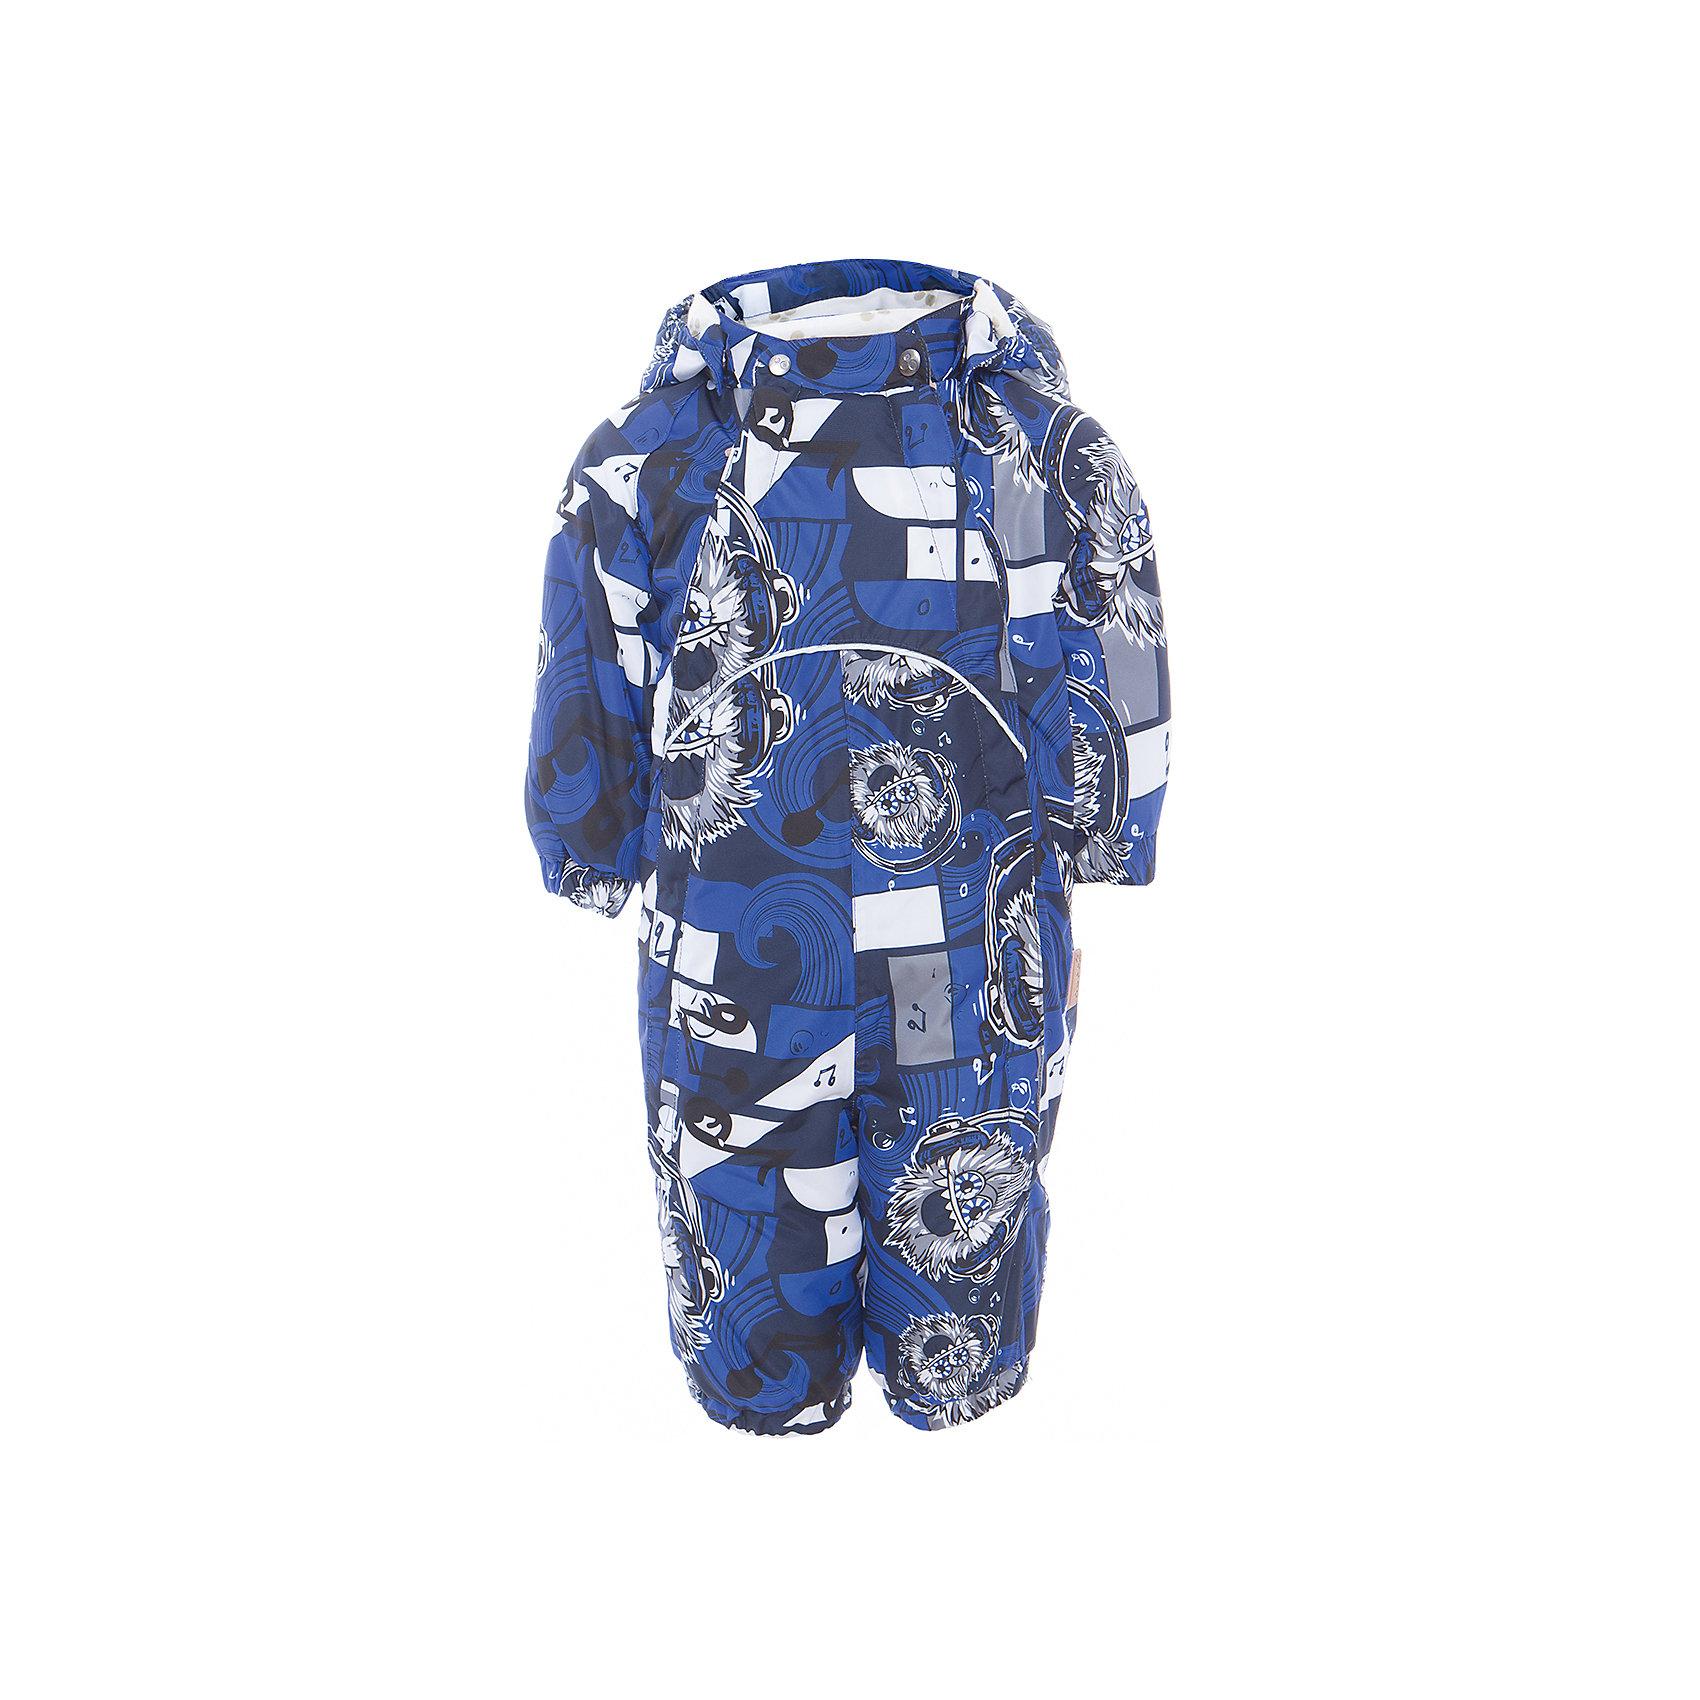 Комбинезон GOLDEN для мальчика HuppaВерхняя одежда<br>Характеристики товара:<br><br>• цвет: тёмно-синий принт<br>• ткань: 100% полиэстер<br>• подкладка: фланель - 100% хлопок<br>• утеплитель: 100% полиэстер 100 г<br>• температурный режим: от -5°С до +10°С<br>• водонепроницаемость: 10000 мм<br>• воздухопроницаемость: 10000 мм<br>• светоотражающие детали<br>• мягкая подкладка<br>• шов сидения и боковые швы проклеены<br>• съёмный капюшон с резинкой<br>• манжеты рукавов с резинкой<br>• манжеты с отворотом у размеров 62-80<br>• манжеты брюк с резинкой<br>• съёмные эластичные штрипки<br>• без внутренних швов<br>• коллекция: весна-лето 2017<br>• страна бренда: Эстония<br><br>Этот удобный комбинезон обеспечит детям тепло и комфорт. Он сделан из материала, отталкивающего воду, и дополнен подкладкой с утеплителем, поэтому изделие идеально подходит для межсезонья. Материал изделия - с мембранной технологией: защищая от влаги и ветра, он легко выводит лишнюю влагу наружу. Комбинезон очень симпатично смотрится. <br><br>Одежда и обувь от популярного эстонского бренда Huppa - отличный вариант одеть ребенка можно и комфортно. Вещи, выпускаемые компанией, качественные, продуманные и очень удобные. Для производства изделий используются только безопасные для детей материалы. Продукция от Huppa порадует и детей, и их родителей!<br><br>Комбинезон GOLDEN от бренда Huppa (Хуппа) можно купить в нашем интернет-магазине.<br><br>Ширина мм: 356<br>Глубина мм: 10<br>Высота мм: 245<br>Вес г: 519<br>Цвет: синий<br>Возраст от месяцев: 12<br>Возраст до месяцев: 18<br>Пол: Мужской<br>Возраст: Детский<br>Размер: 86,62,68,74,80<br>SKU: 5346470